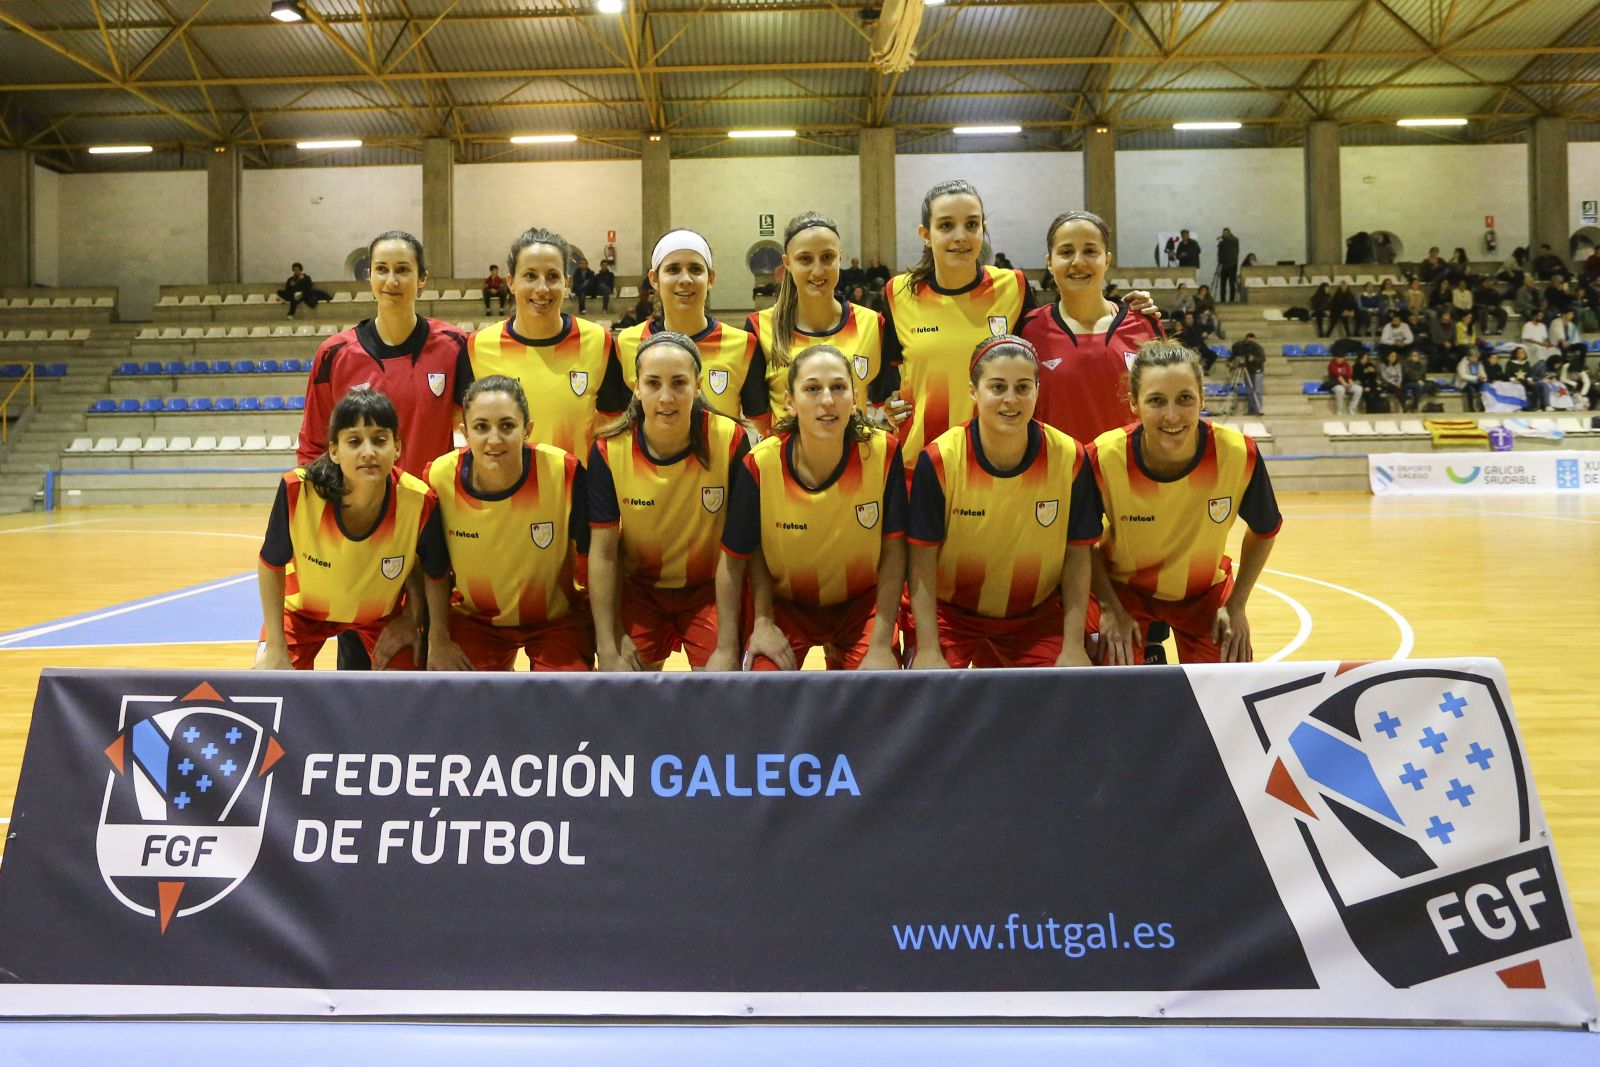 Catalunya perd l'amistós contra Galícia amb Estefa Jémez i tres jugadores de la Concòrdia